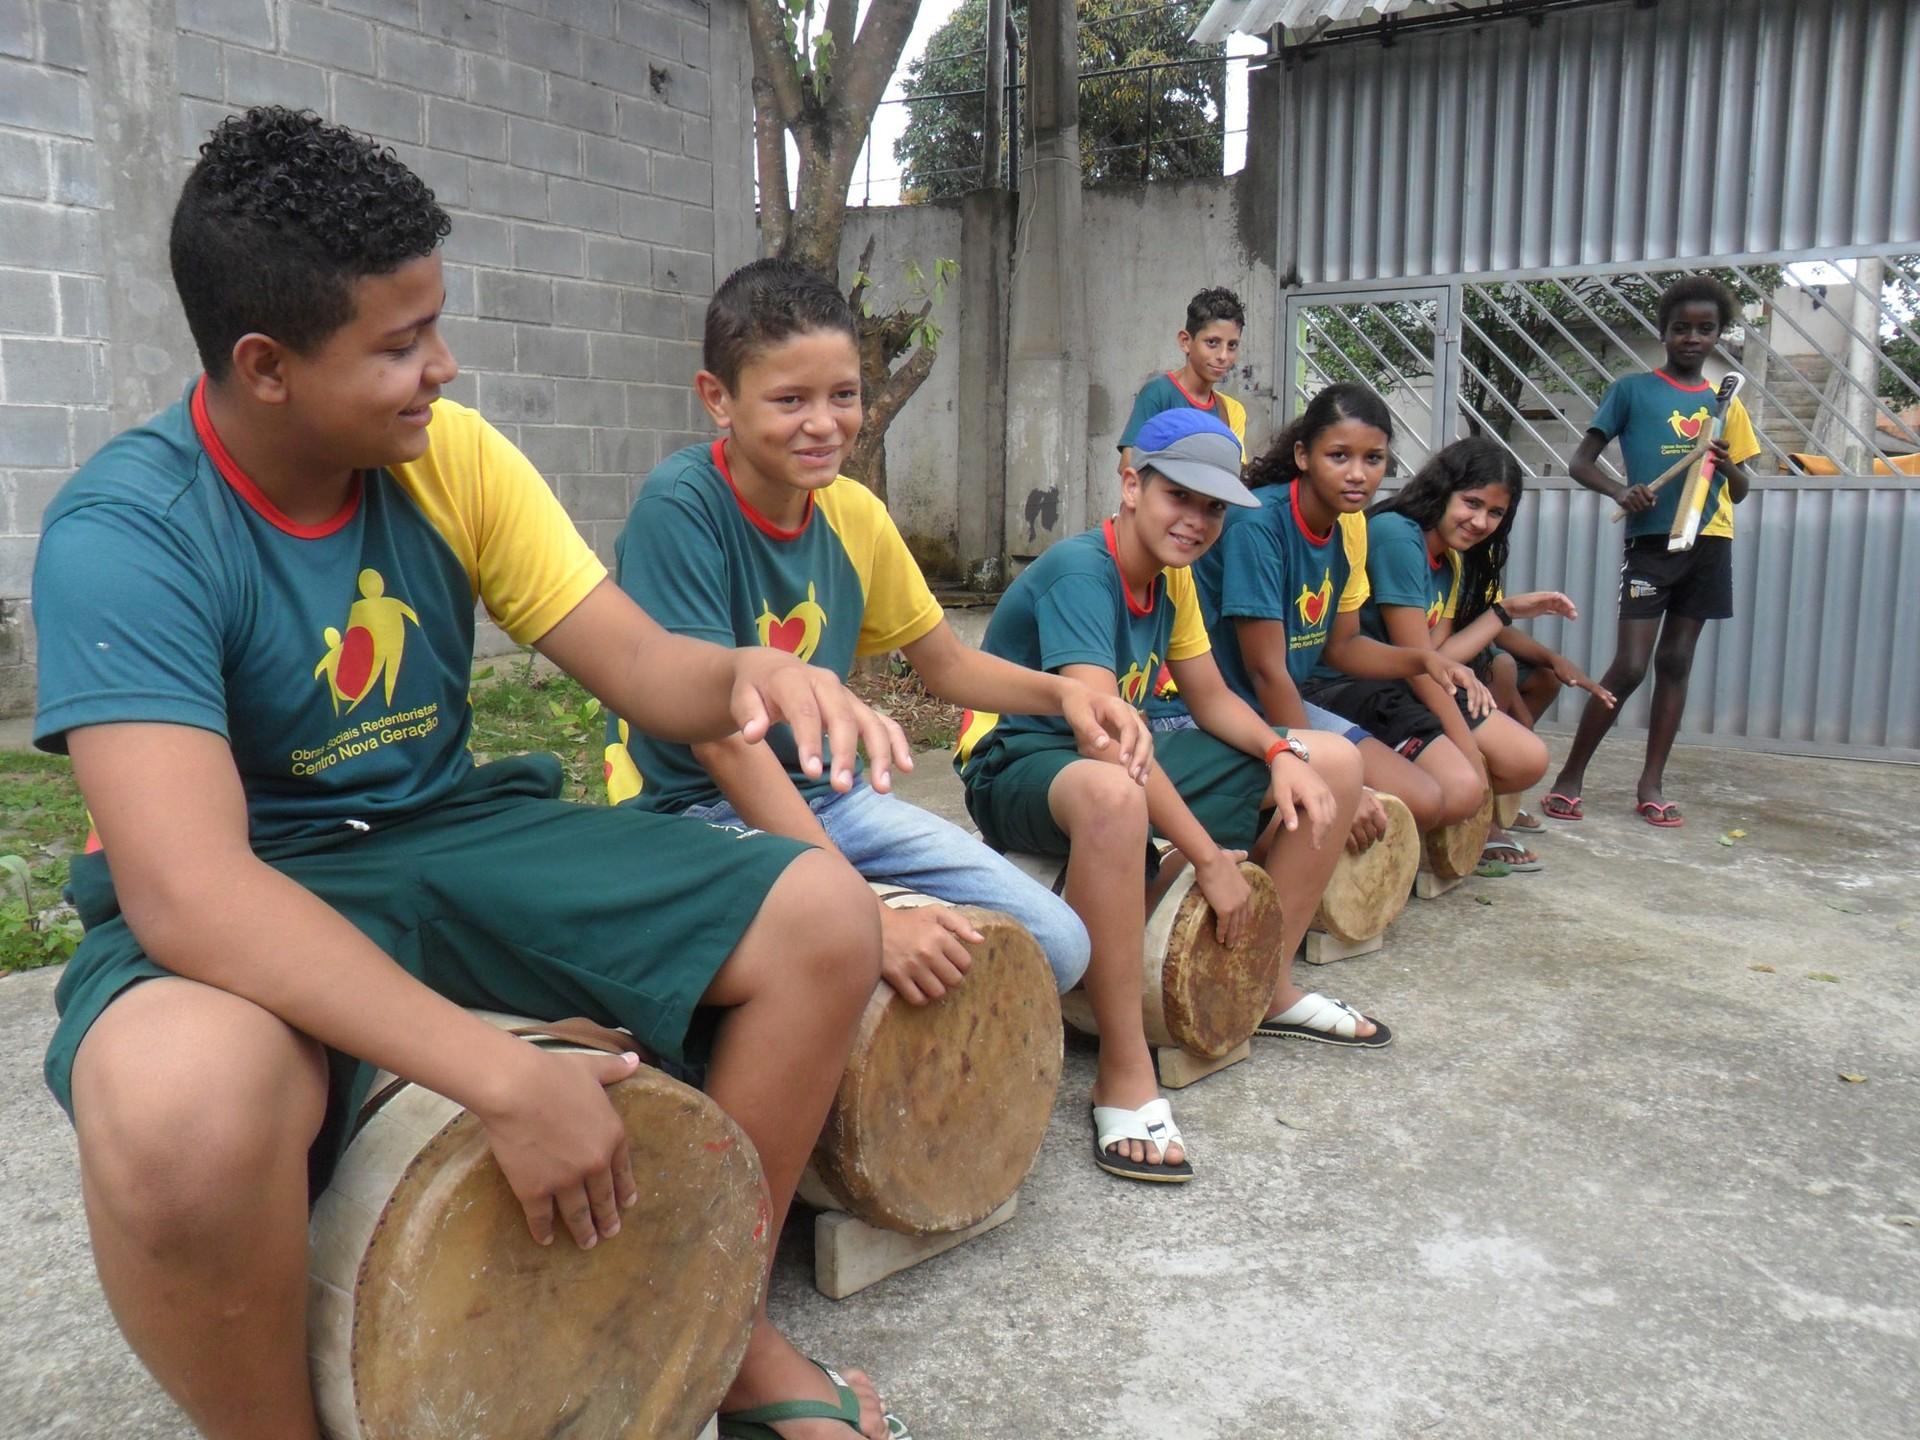 Centro Nova Geração (Foto: Ludmila Nascimento)